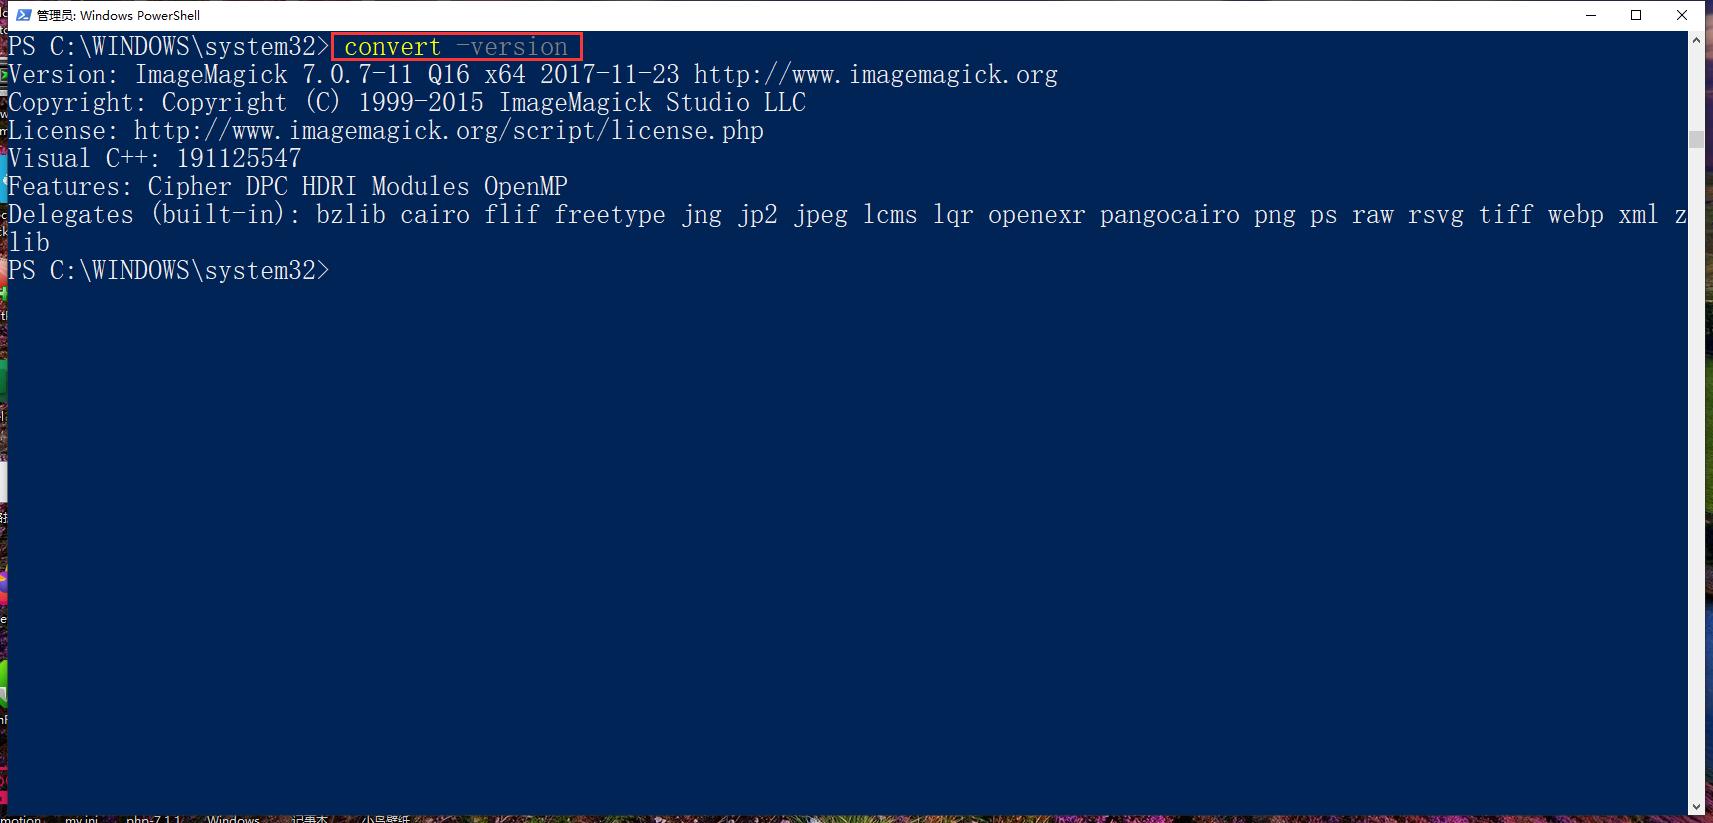 运行:convert –version,正常,版本更新为:ImageMagick 7.0.7-11 Q16 x64